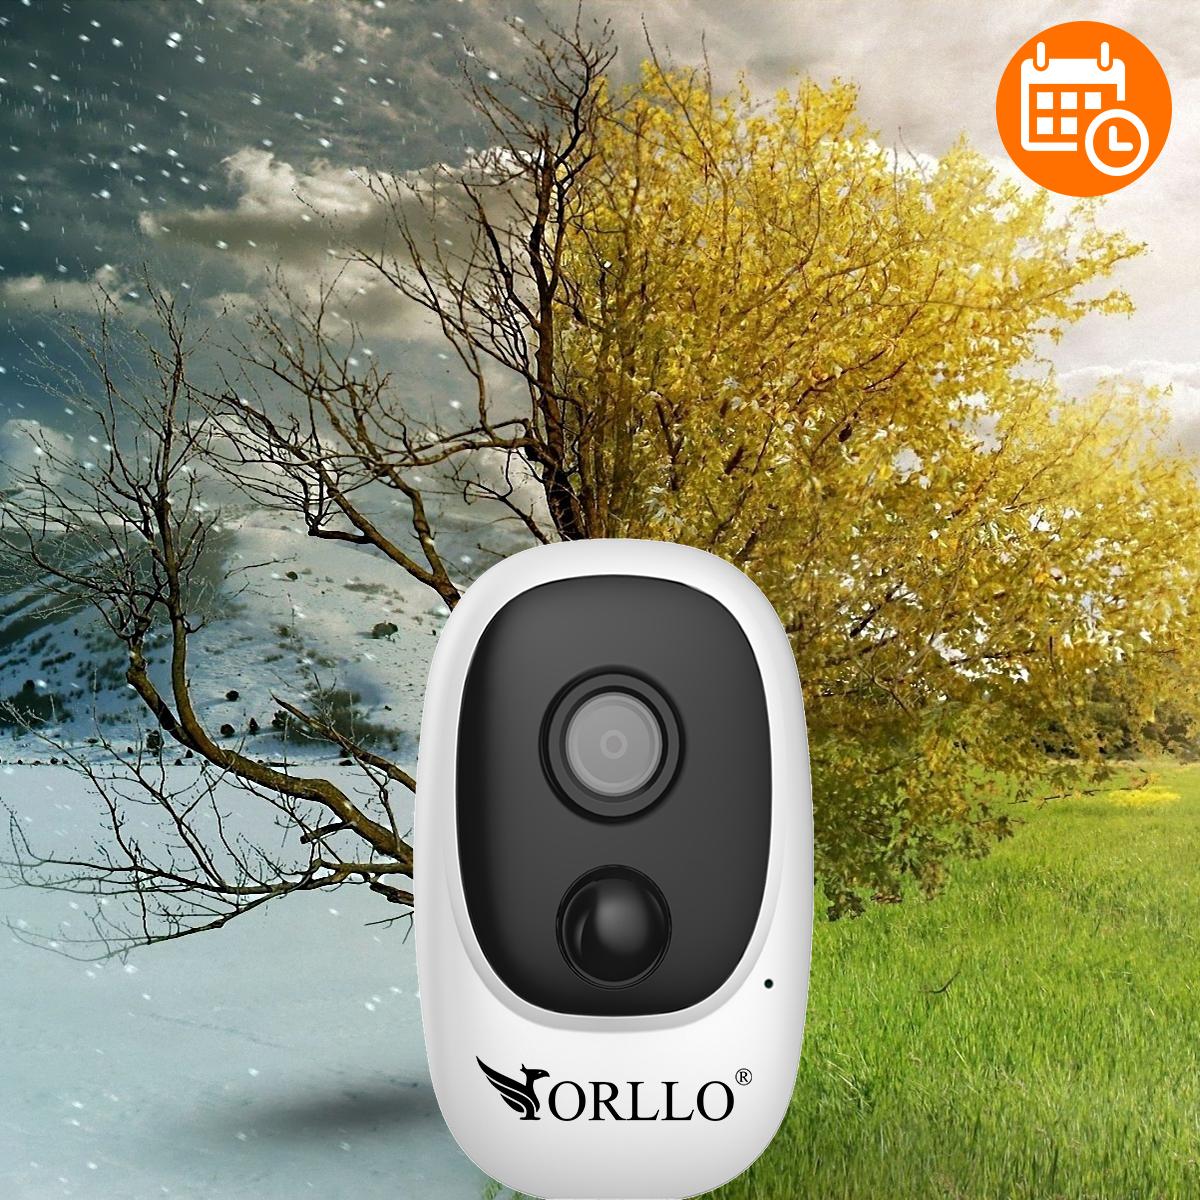 kamera bezprzewodowa na baterie WiFI orllo.pl